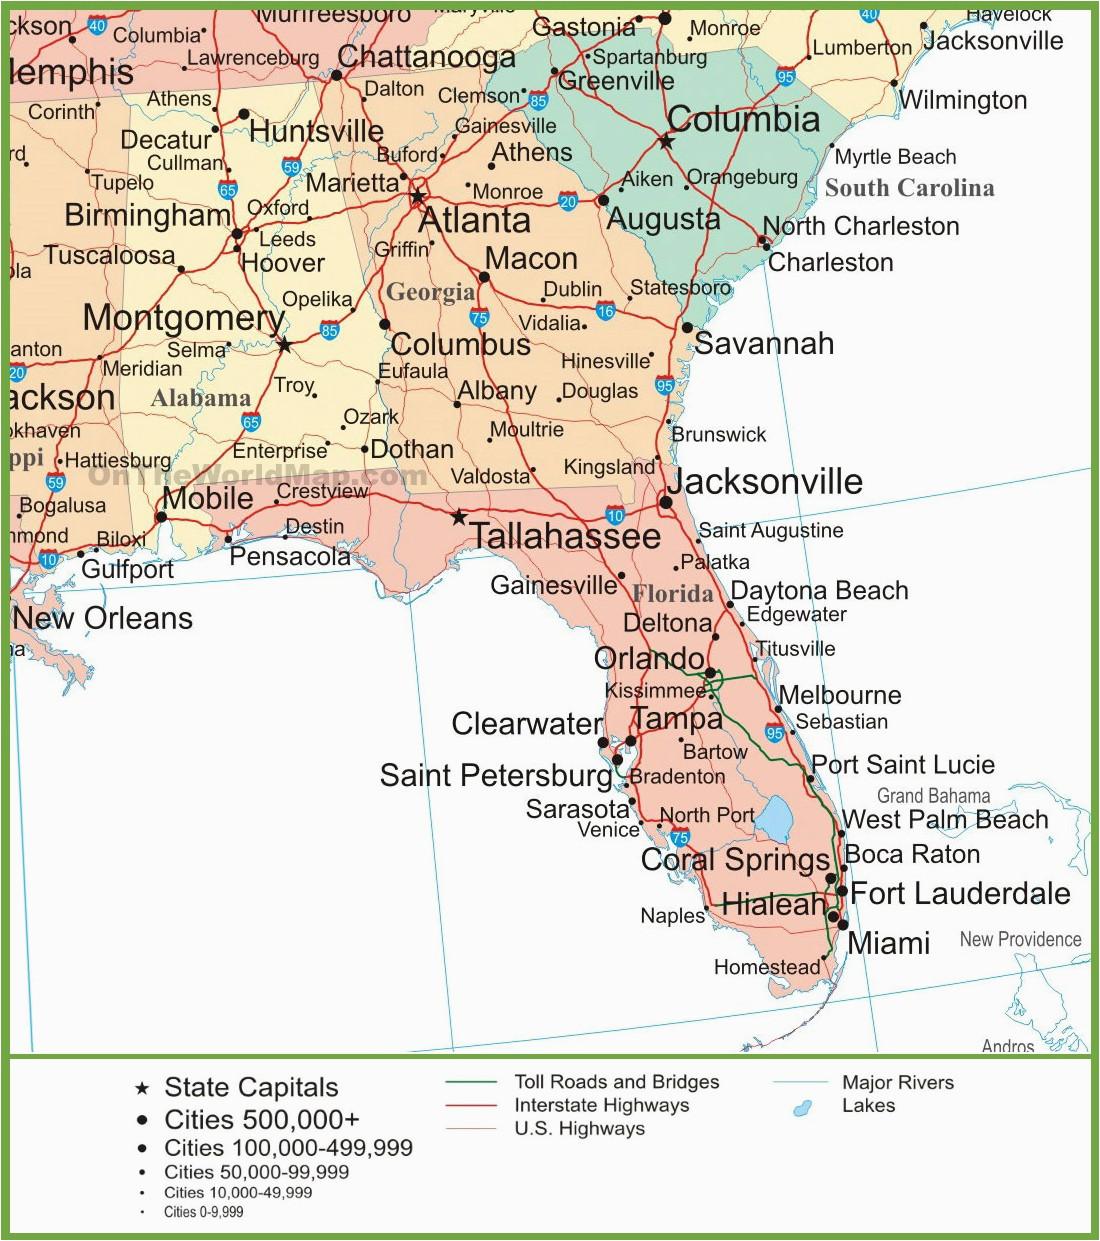 Map Of Alabama and Georgia Highways Map Of Alabama Georgia and Florida